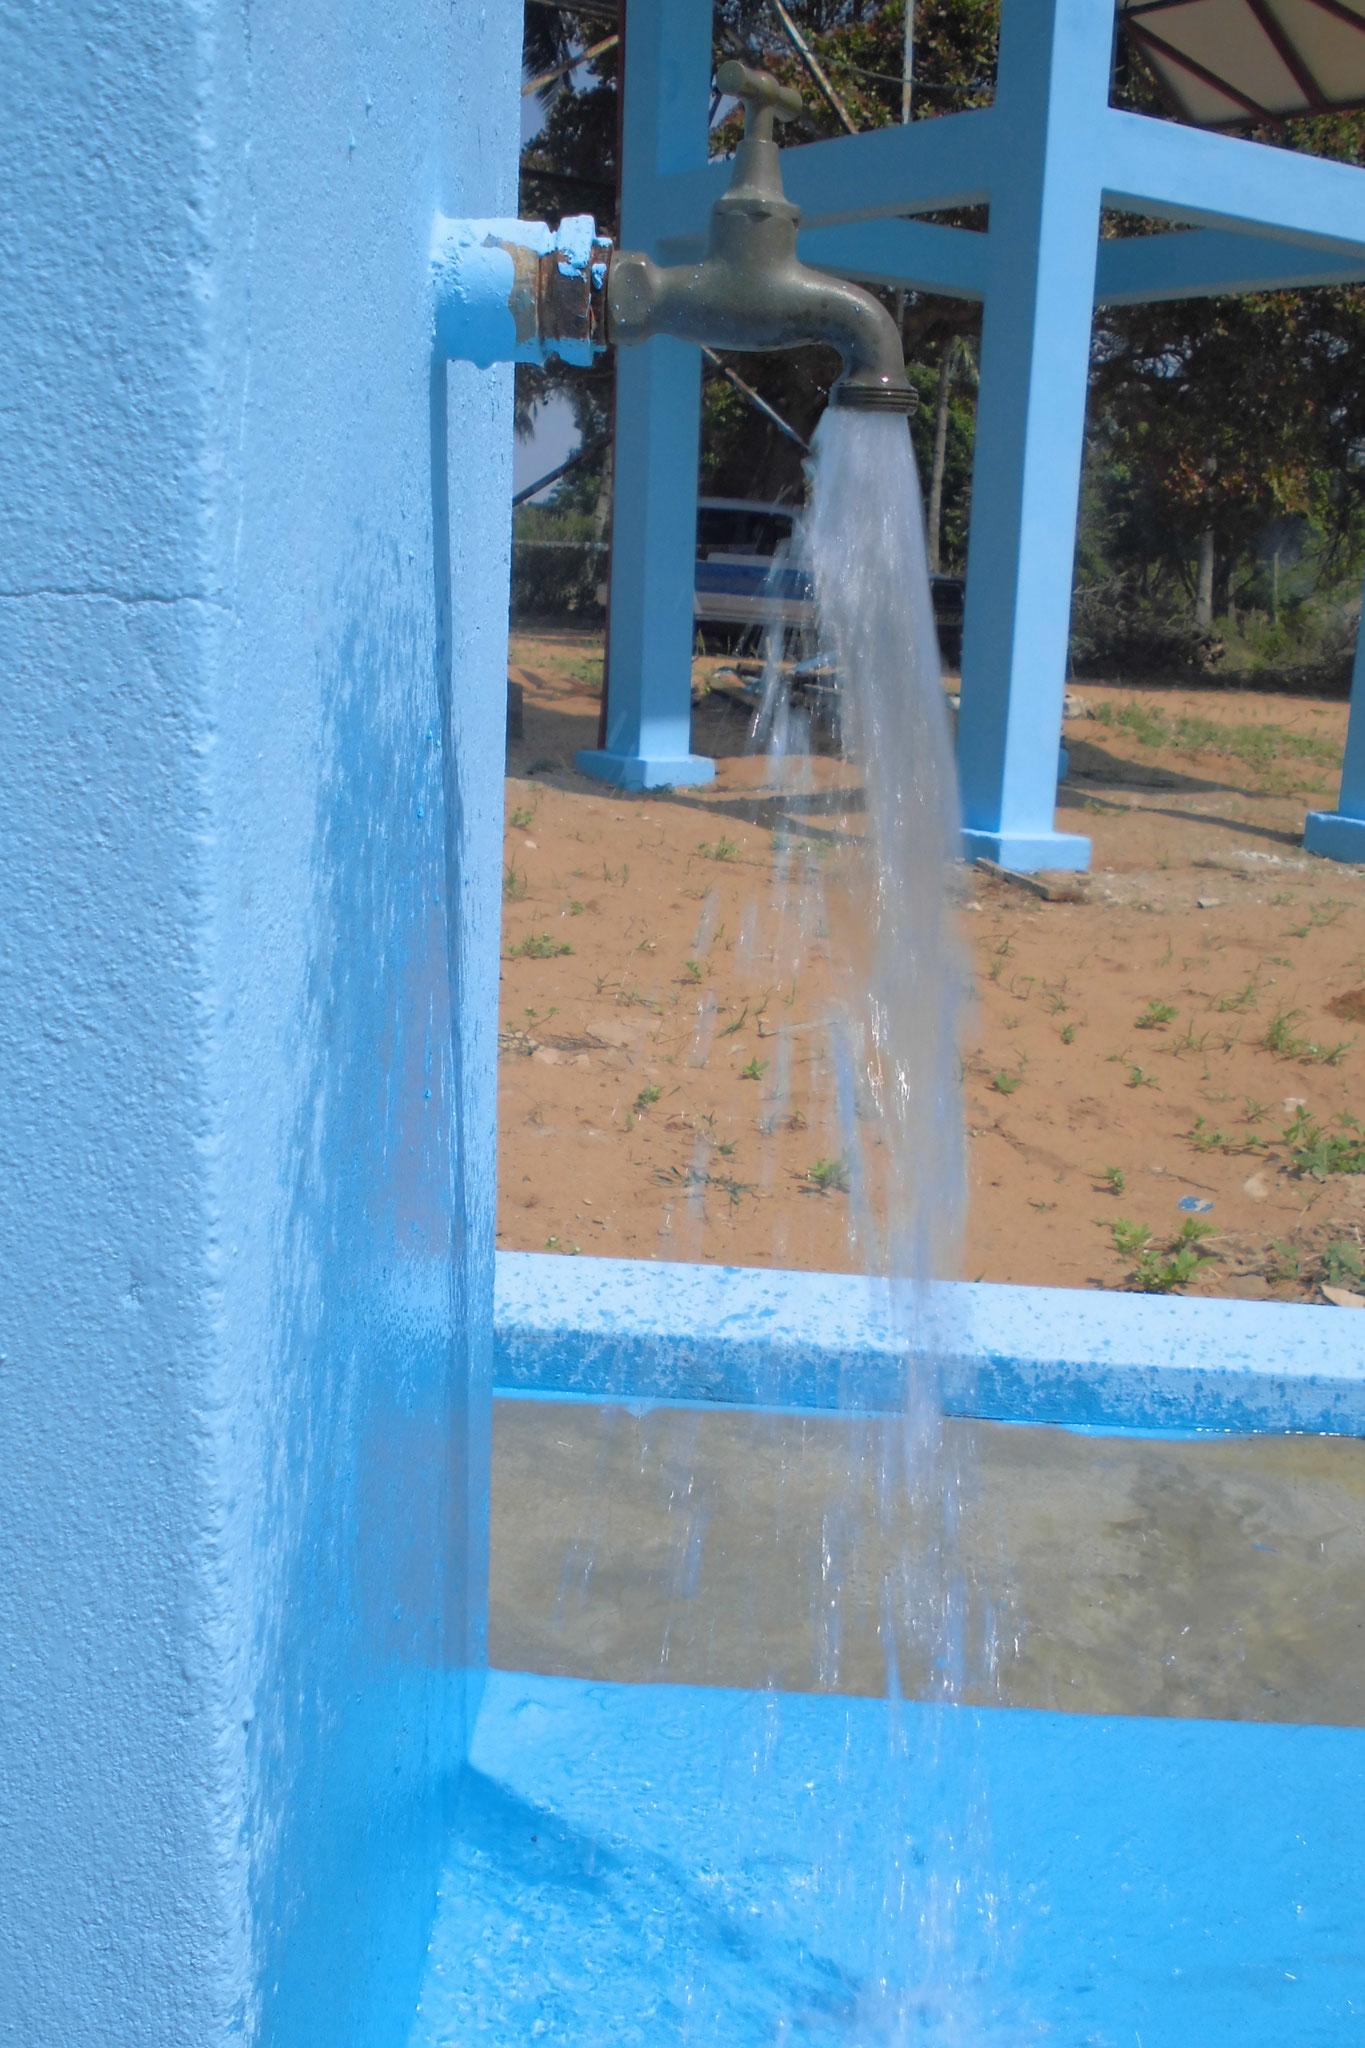 fresh water running